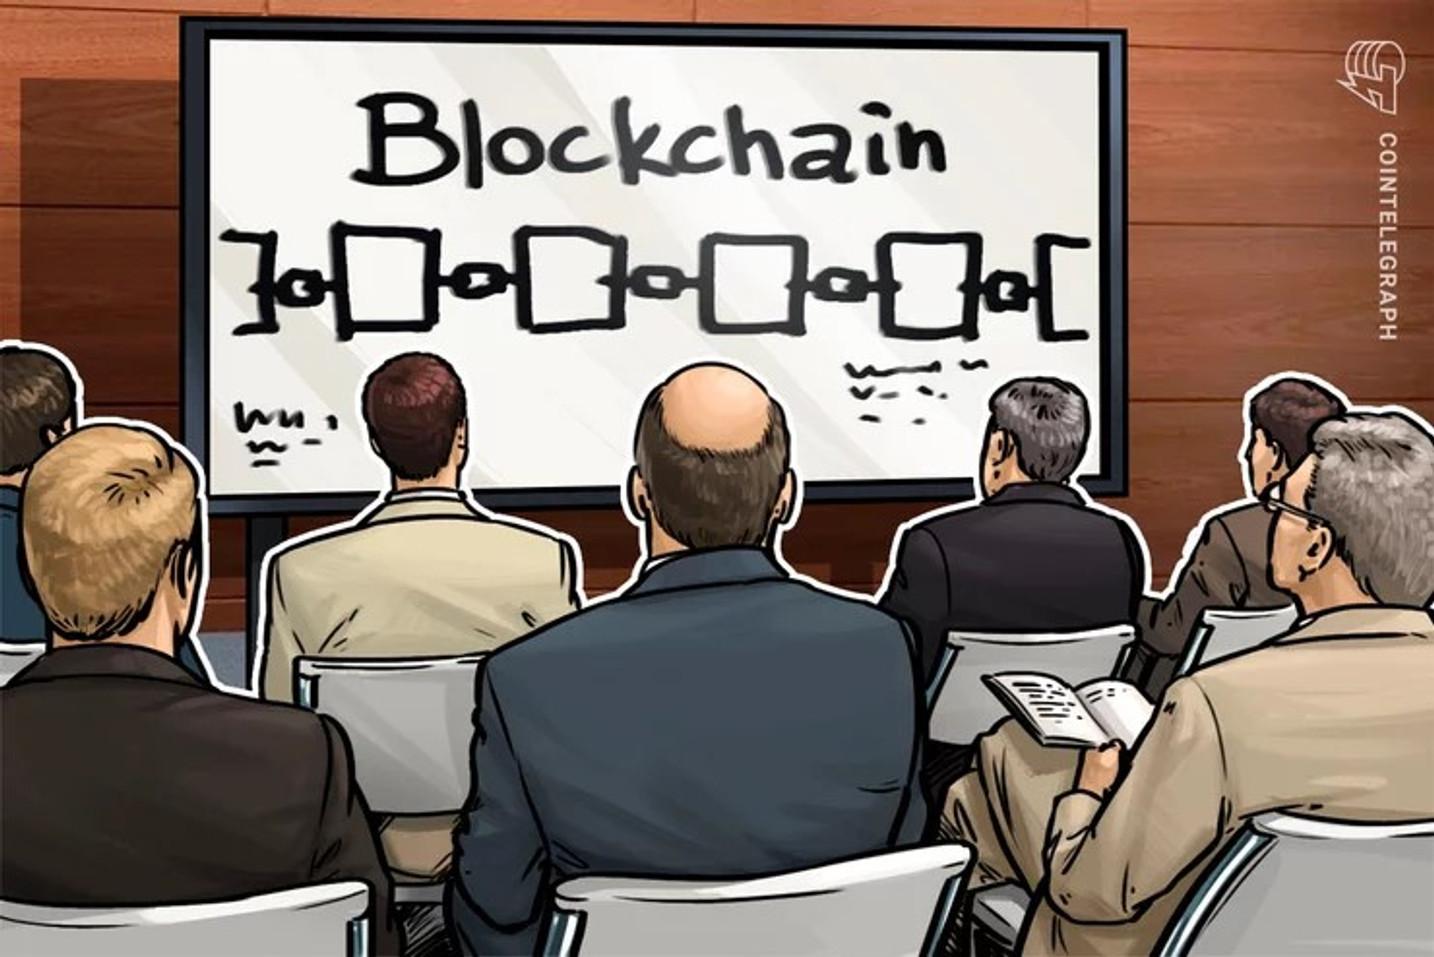 'Blockchain impactará todas as indústrias e relações', dizem professores de curso sobre o tema no Insper